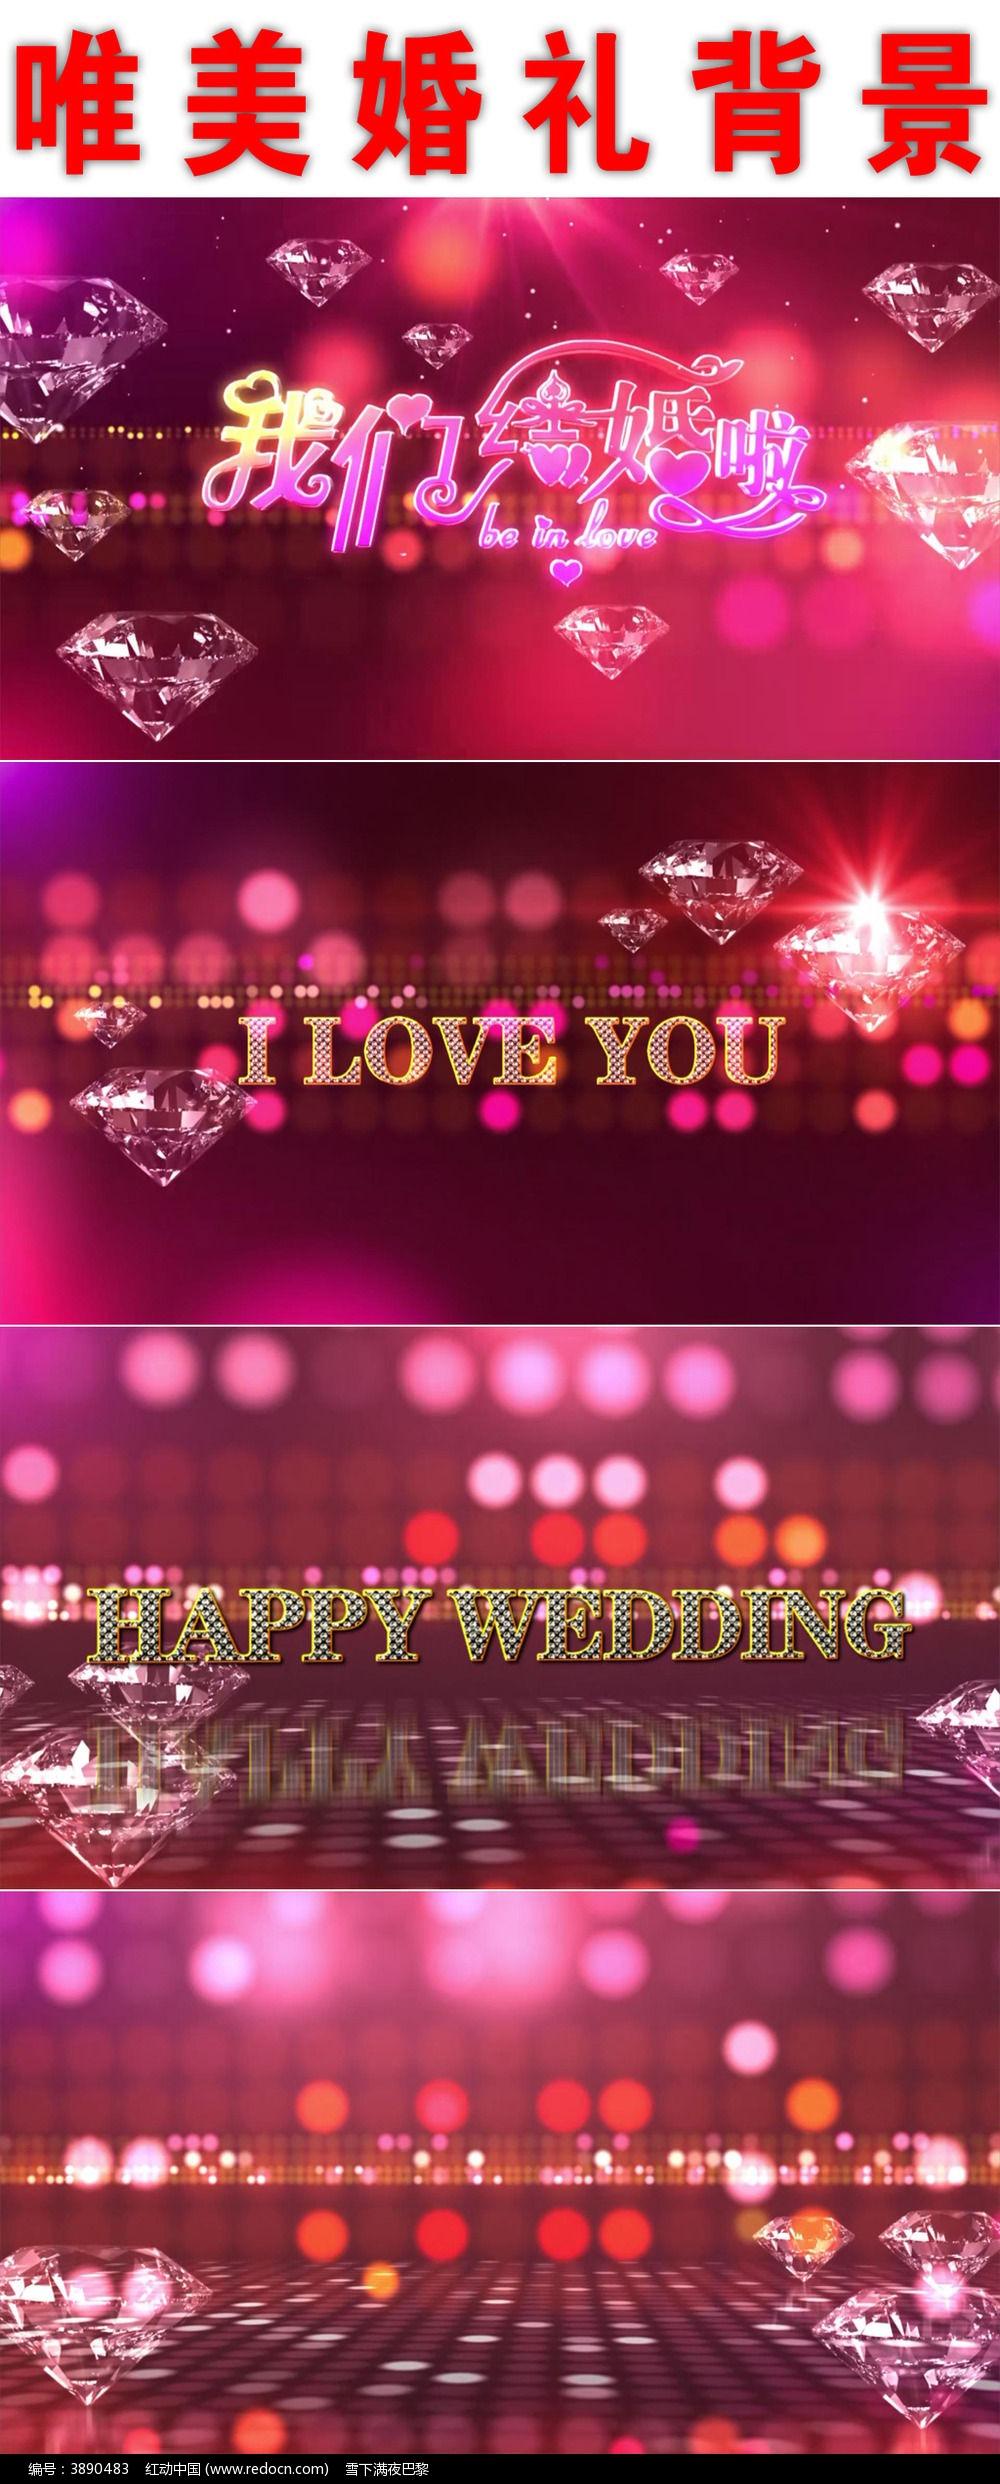 唯美婚礼模板素材_视频人人/视频片尾/AE背景破解视频版片头图片